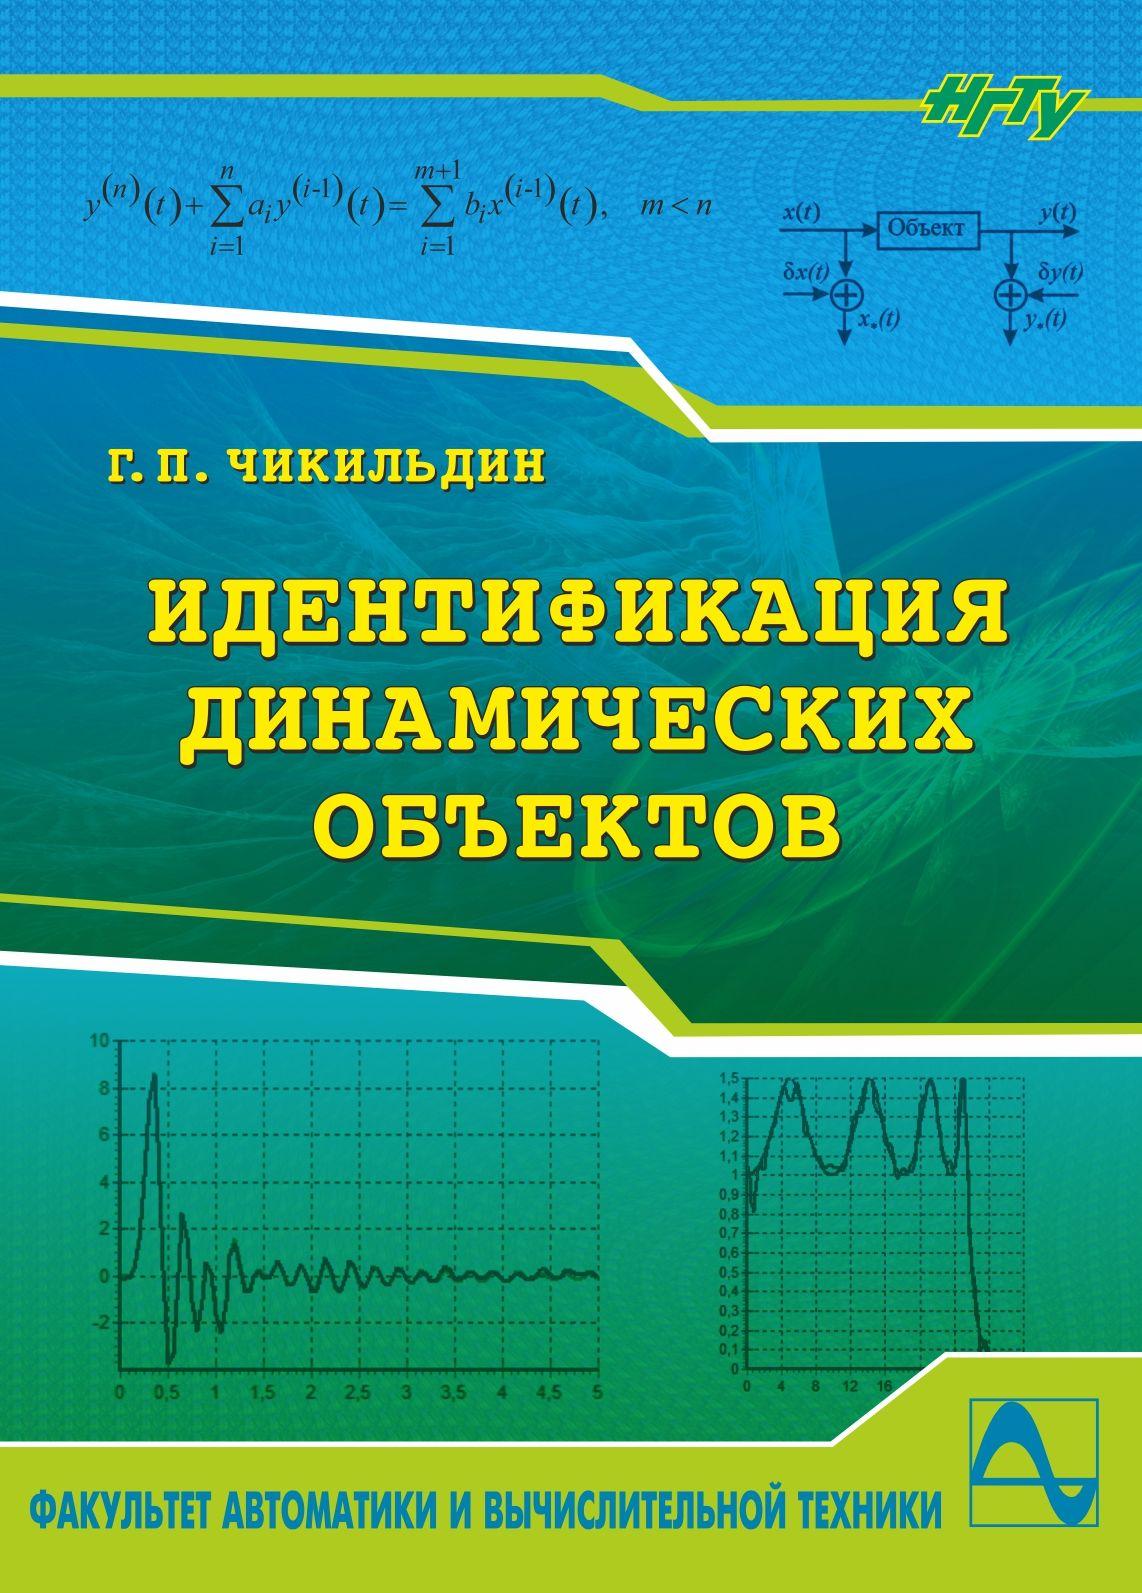 все цены на Геннадий Чикильдин Идентификация динамических объектов